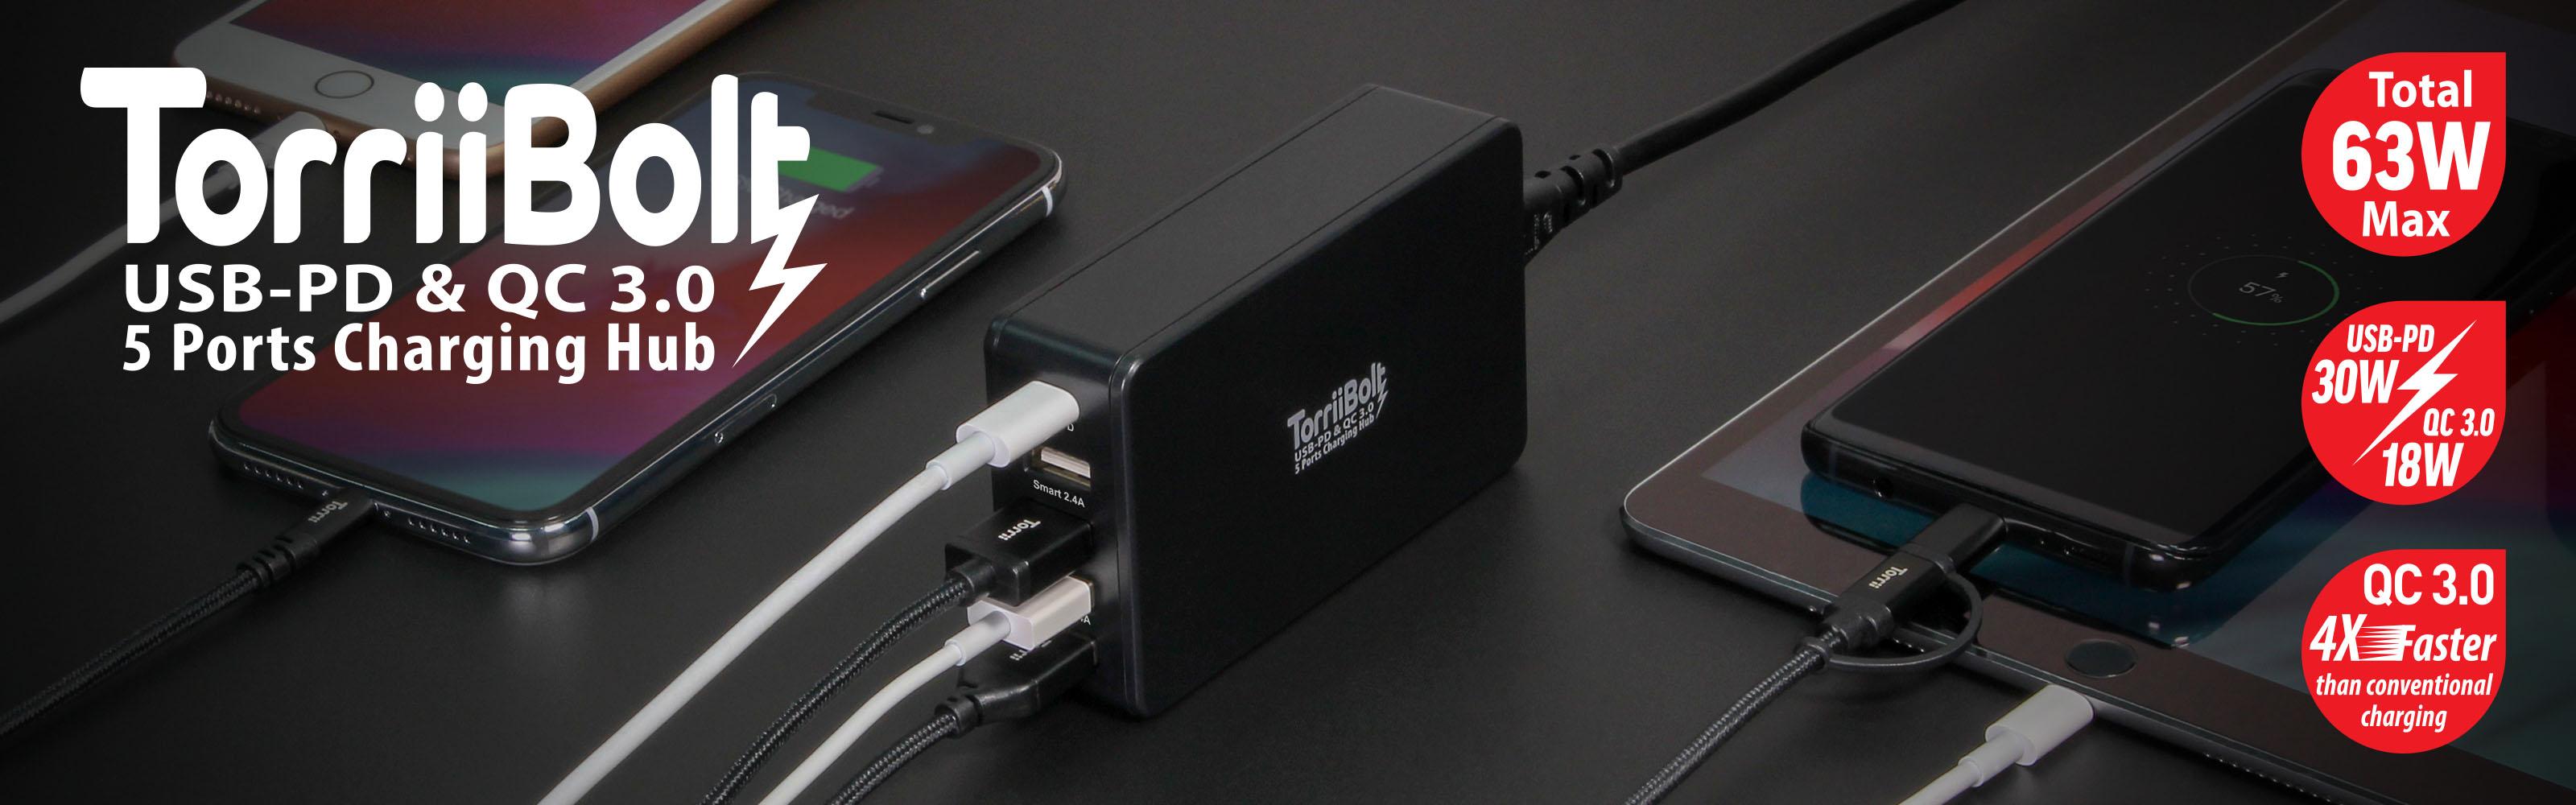 Torrii introduces TorriiBolt USB-PD & QC 3.0 - 5 Ports Charging Hub